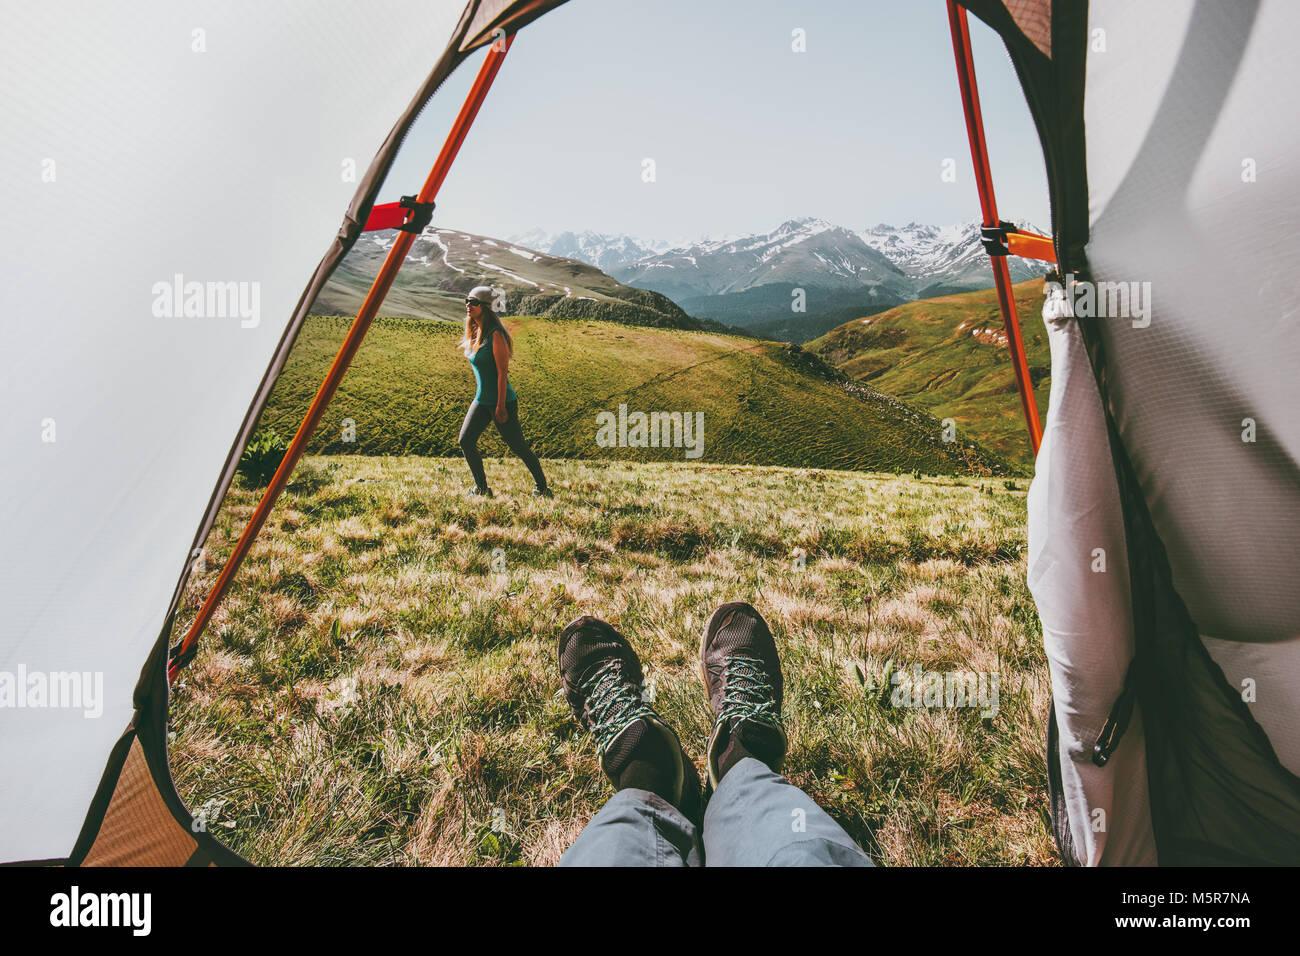 Camping par viajar vista desde la carpa entrada mujer caminando en las montañas hombre pies relajante dentro Imagen De Stock